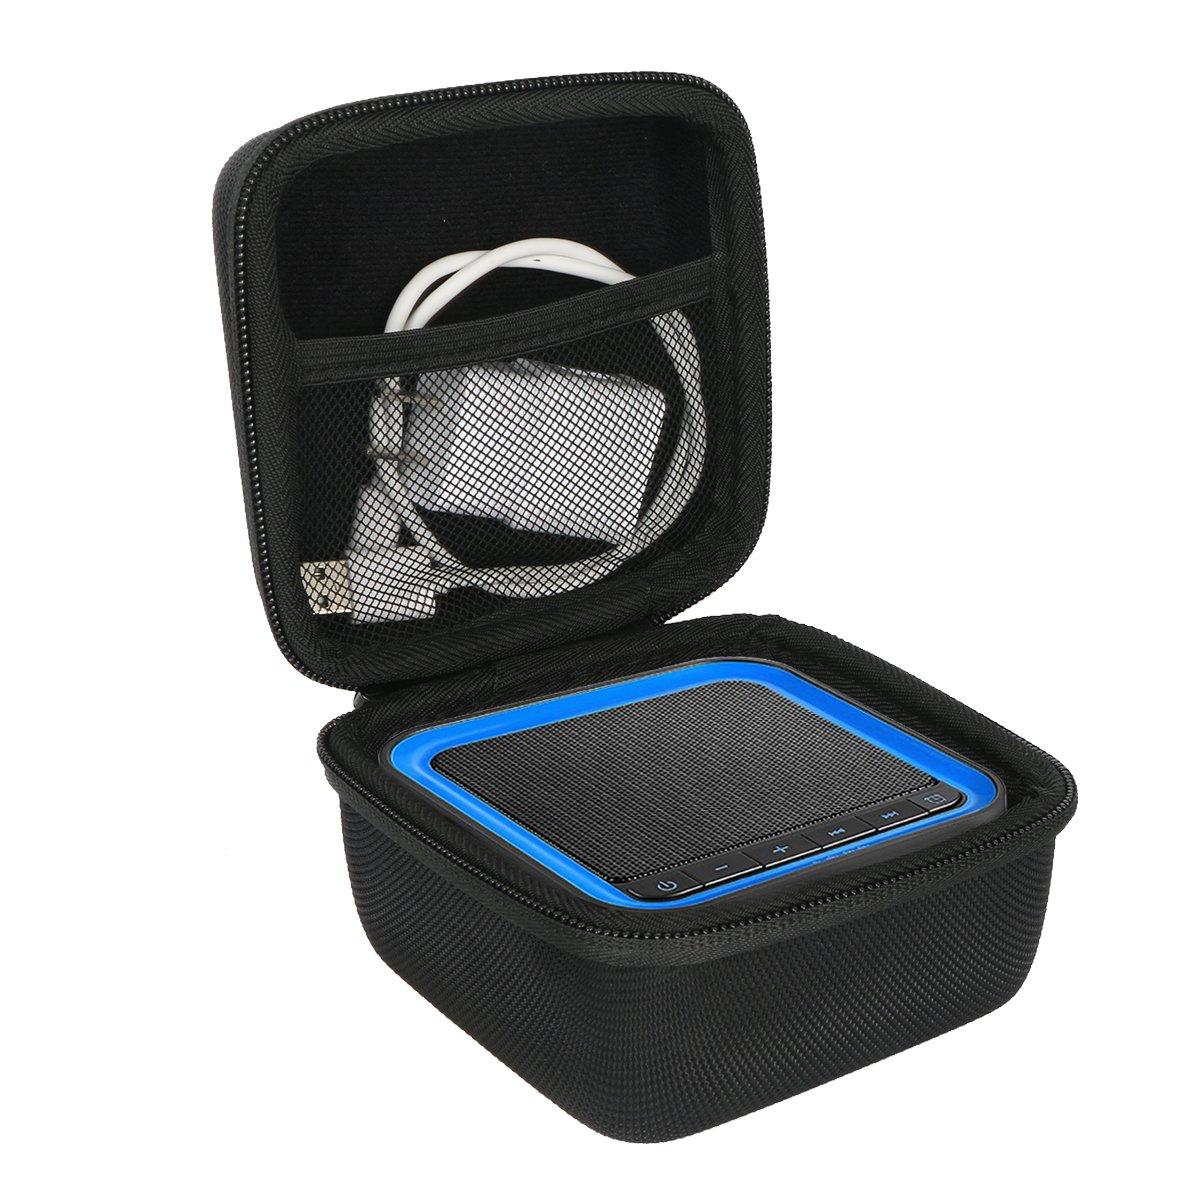 Khanka Hard Travel Case Replacement for AVANTEK White Noise Sound Machine for Sleeping